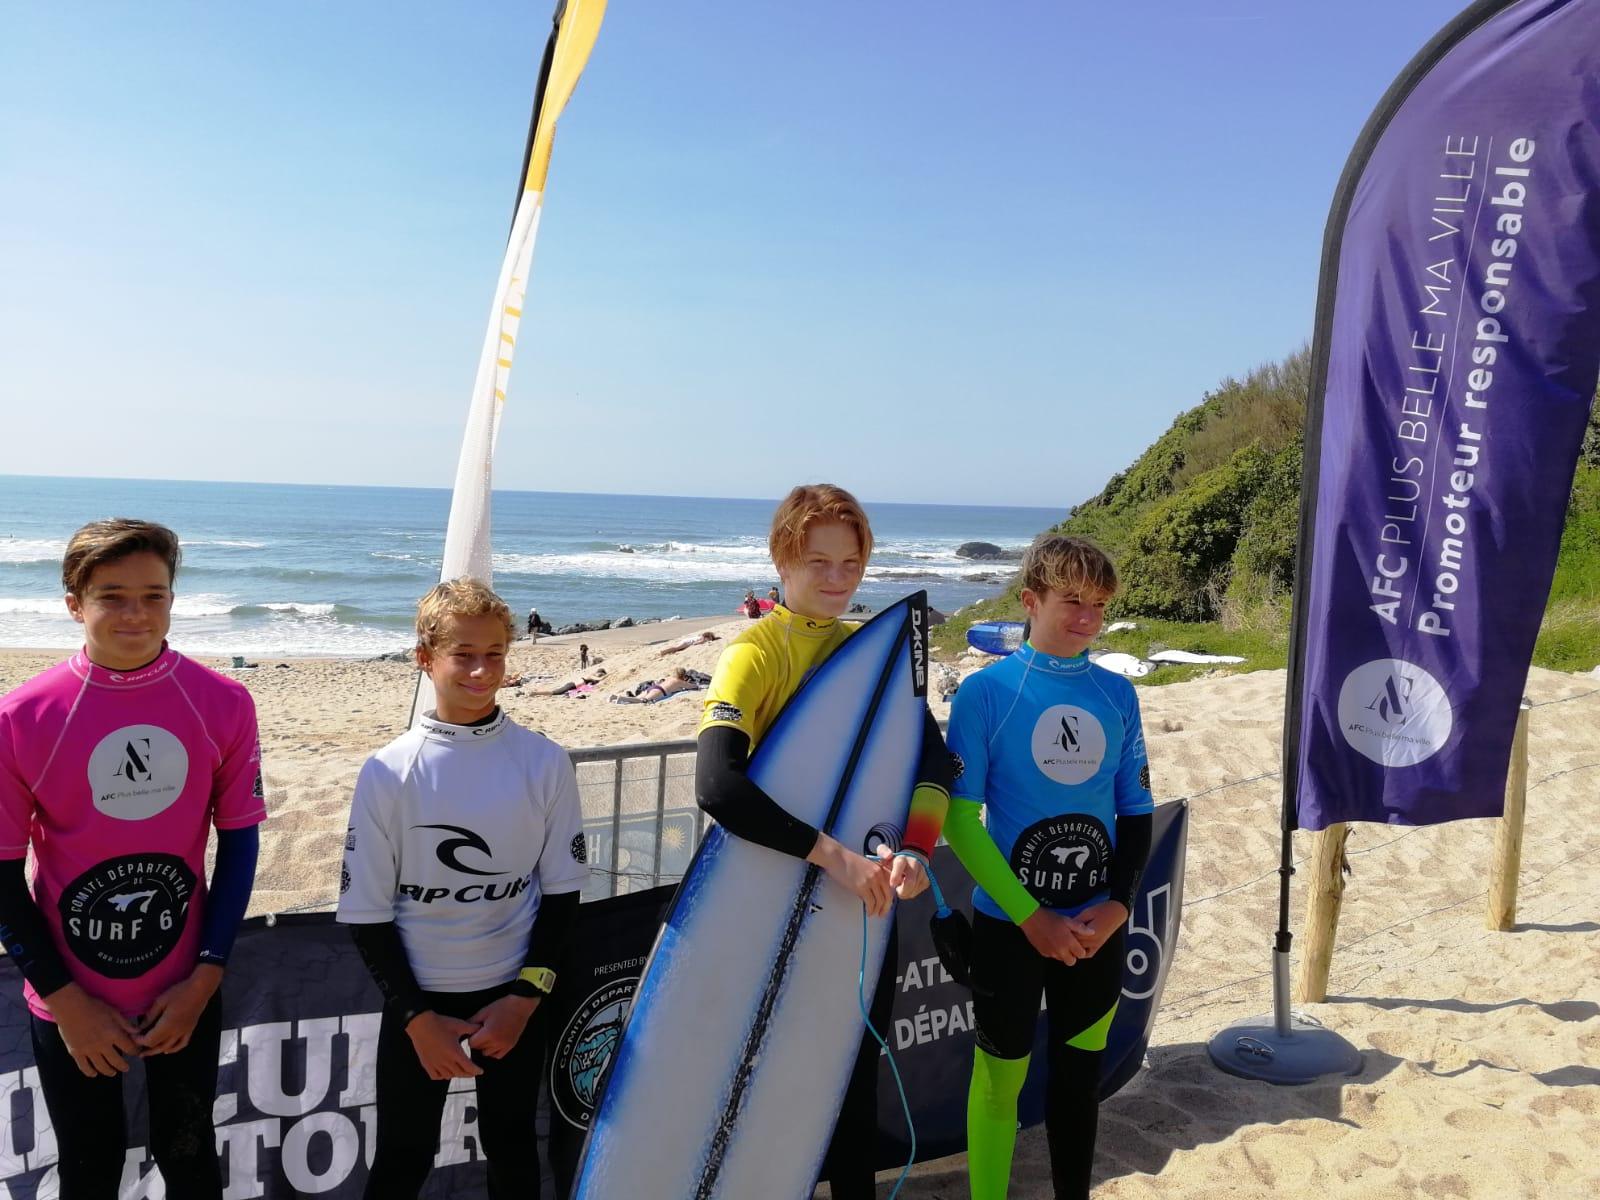 Coupe Espoir Surf 64 - Matéo Madina